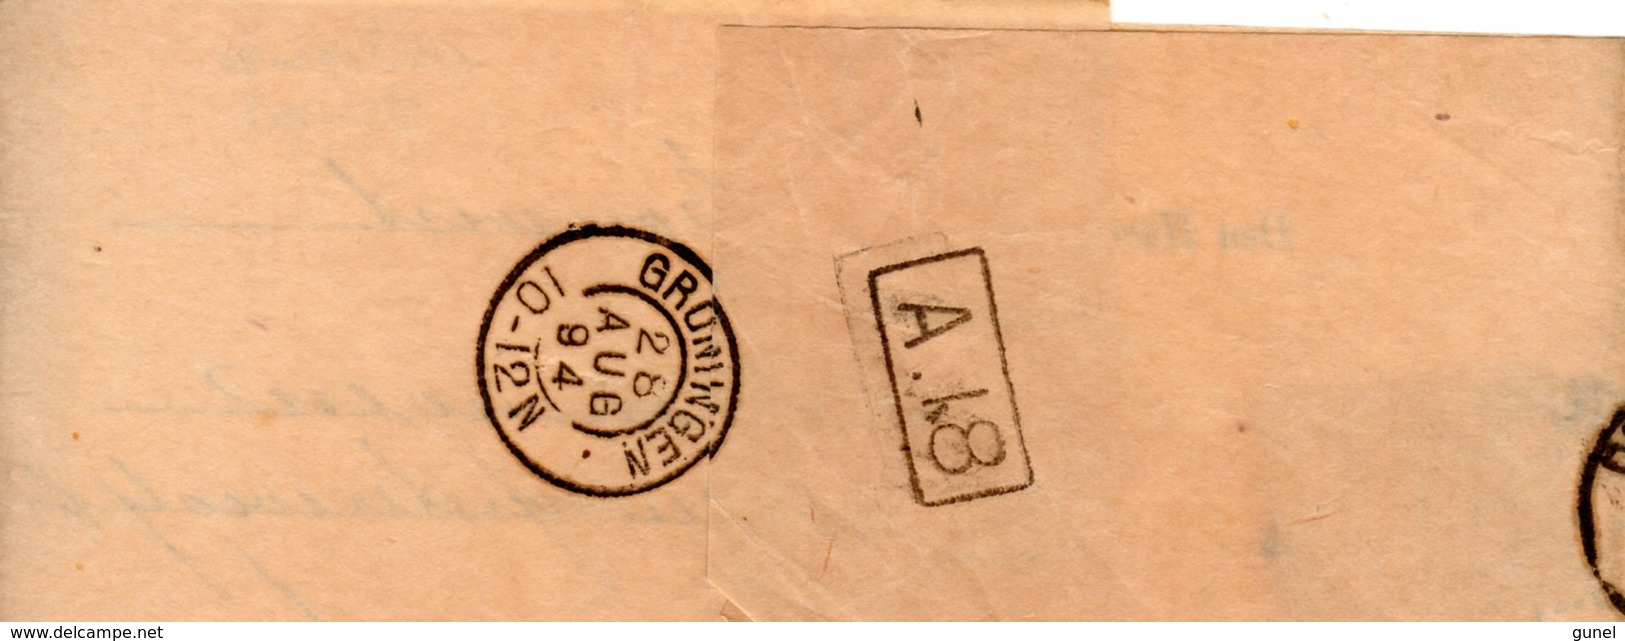 28 AUG 94 Krantebandje M. Voorgedrukt Adres Van Deventer N. Groningen M. NVPH 30 - Periode 1891-1948 (Wilhelmina)